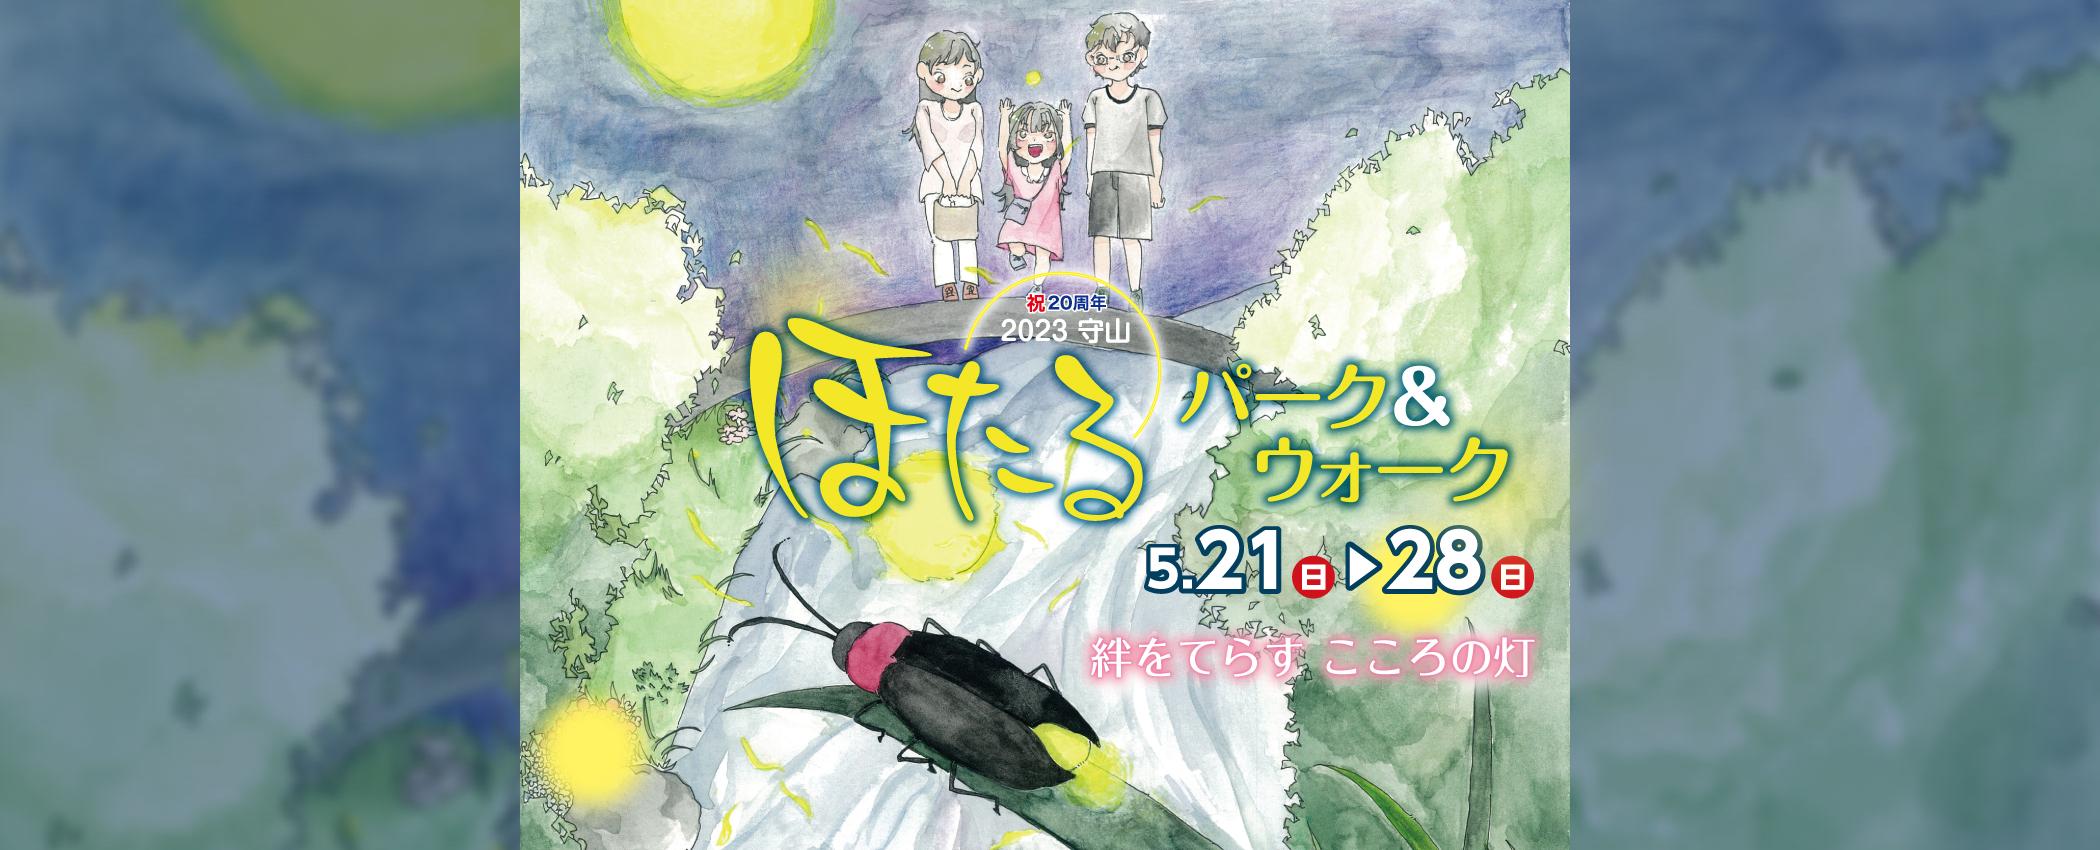 2017(第14回) 守山ほたるパーク&ウォーク 絆をてらすこころの灯 開催期間2017年5月20日(土)〜28日(日)